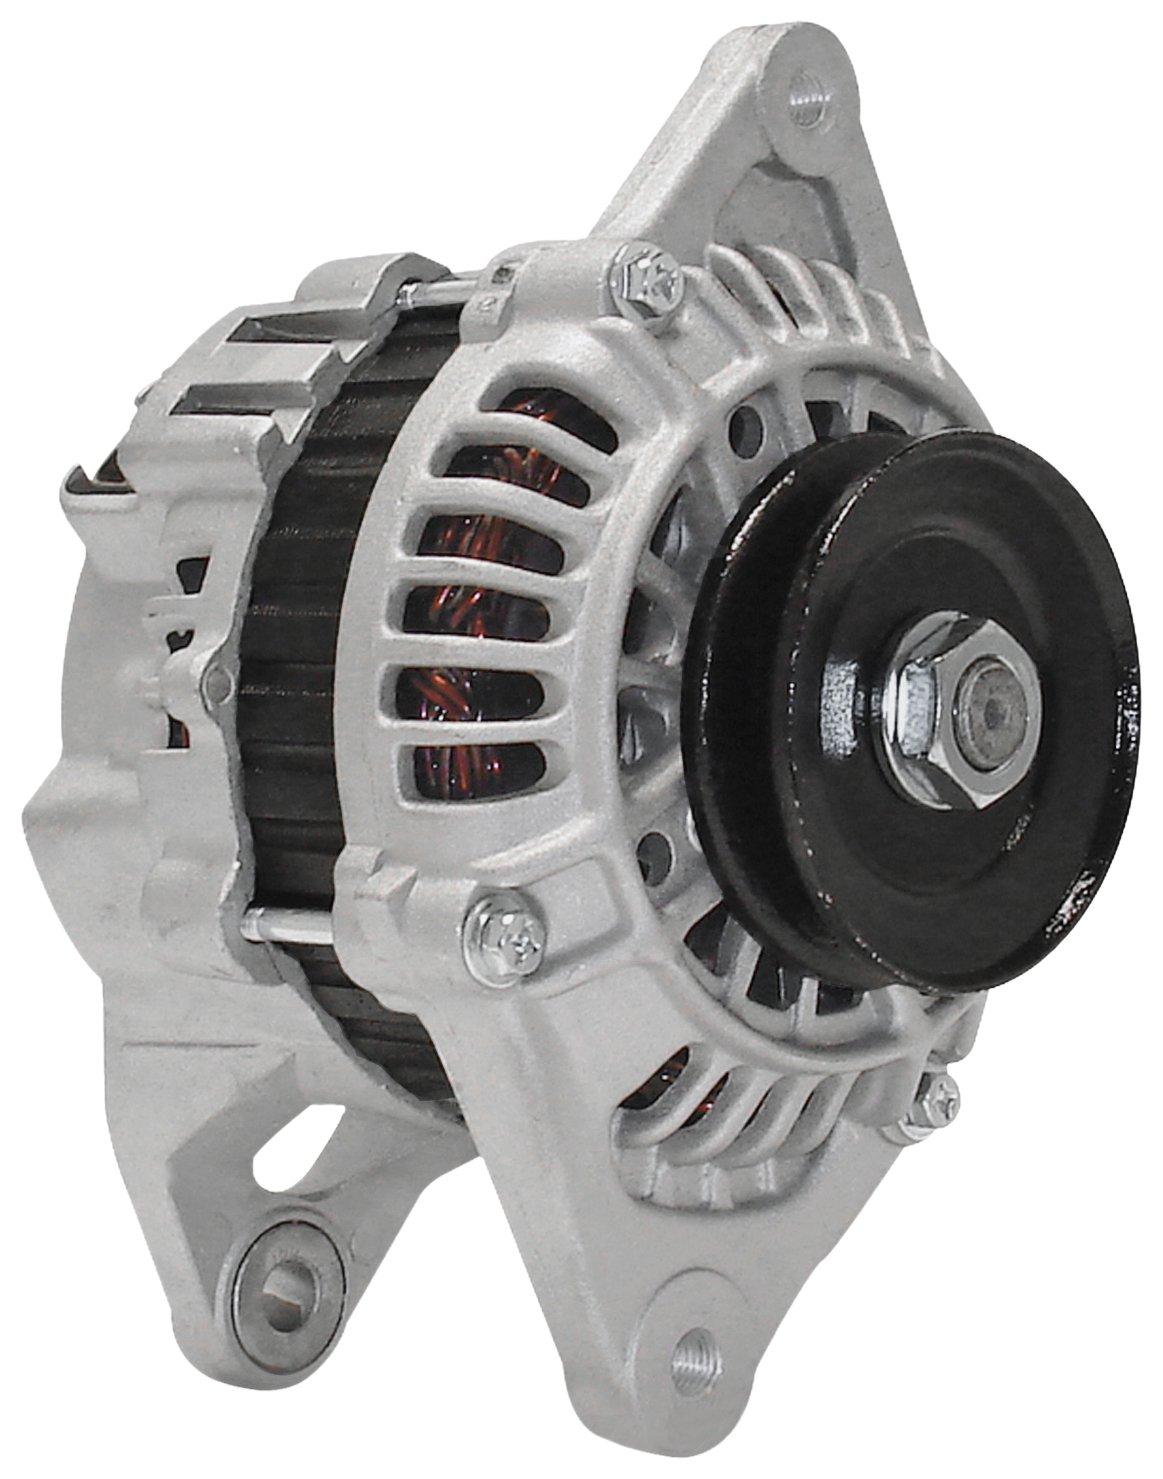 Remanufactured 15623-QBE Quality-Built 15623 Premium Import Alternator